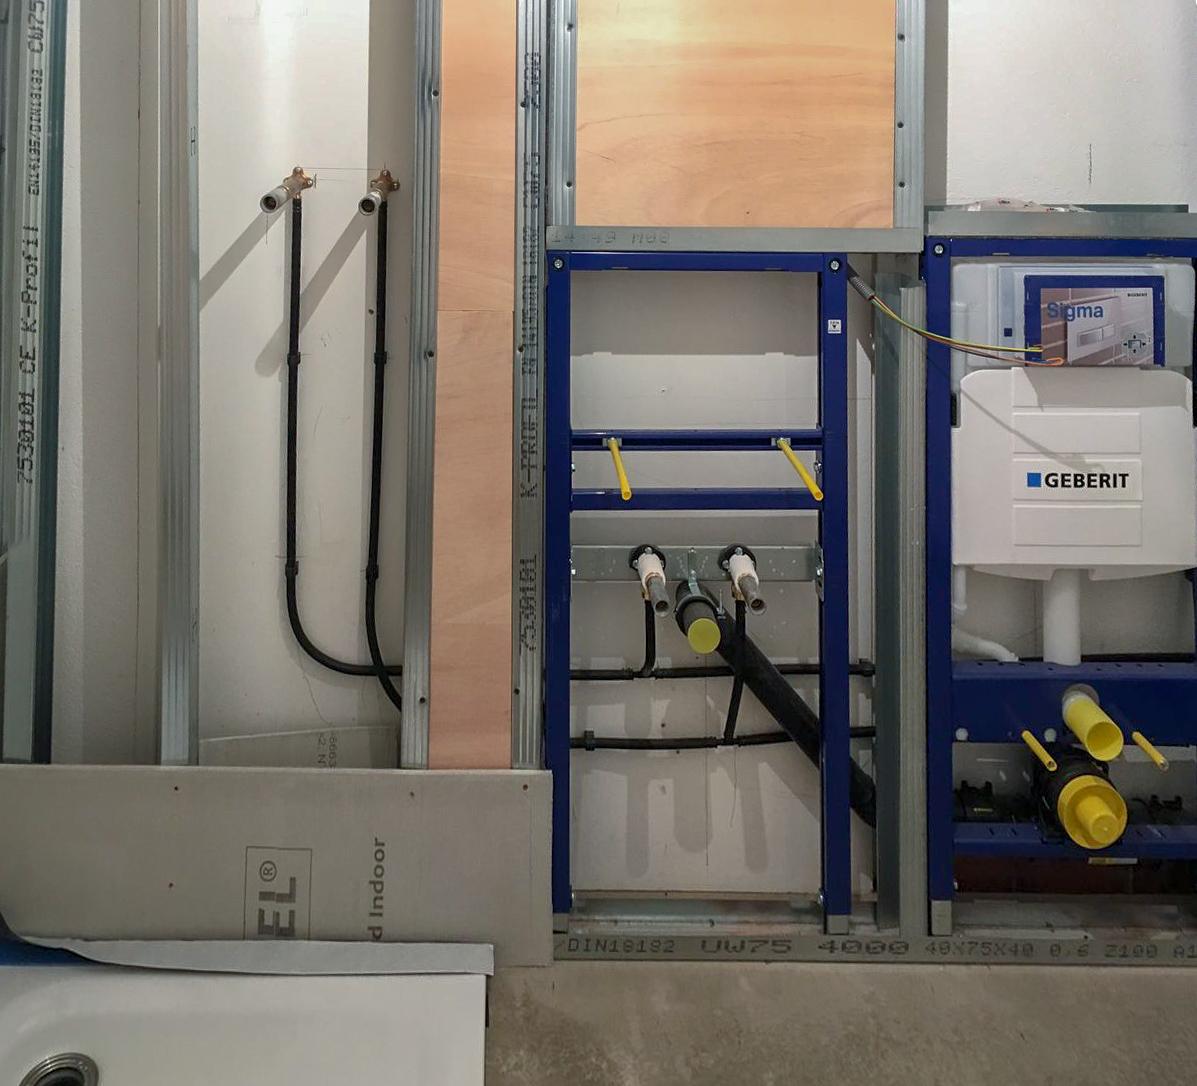 Sanitäre Installation vor dem Verplanken